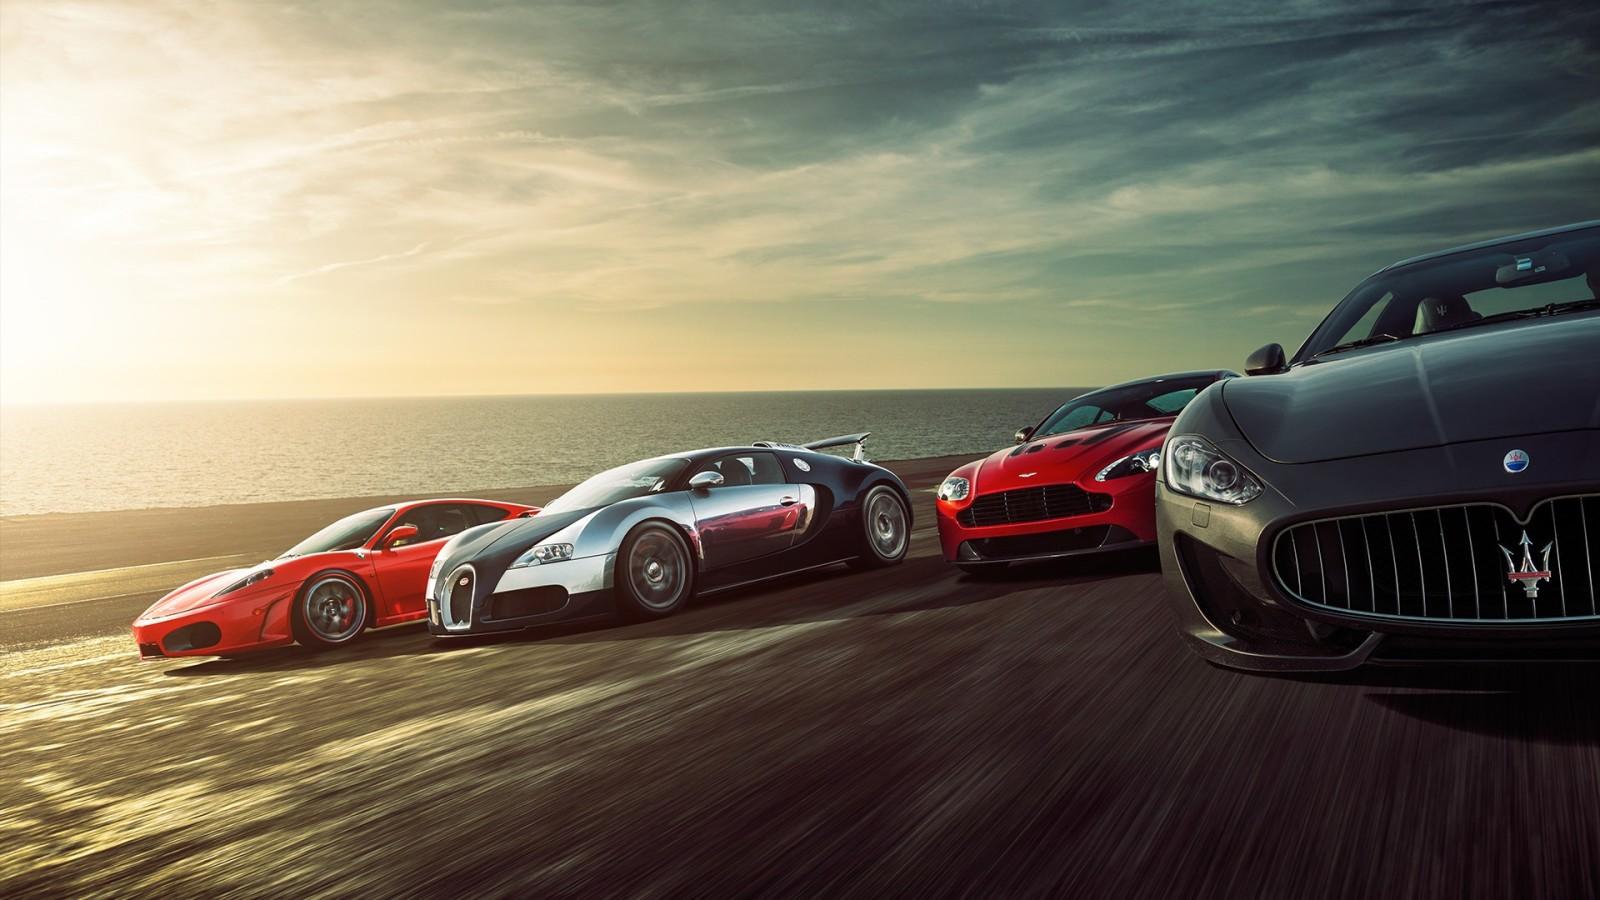 Wallpaper Android Hd Sport Car: Super Sports Cars Wallpaper